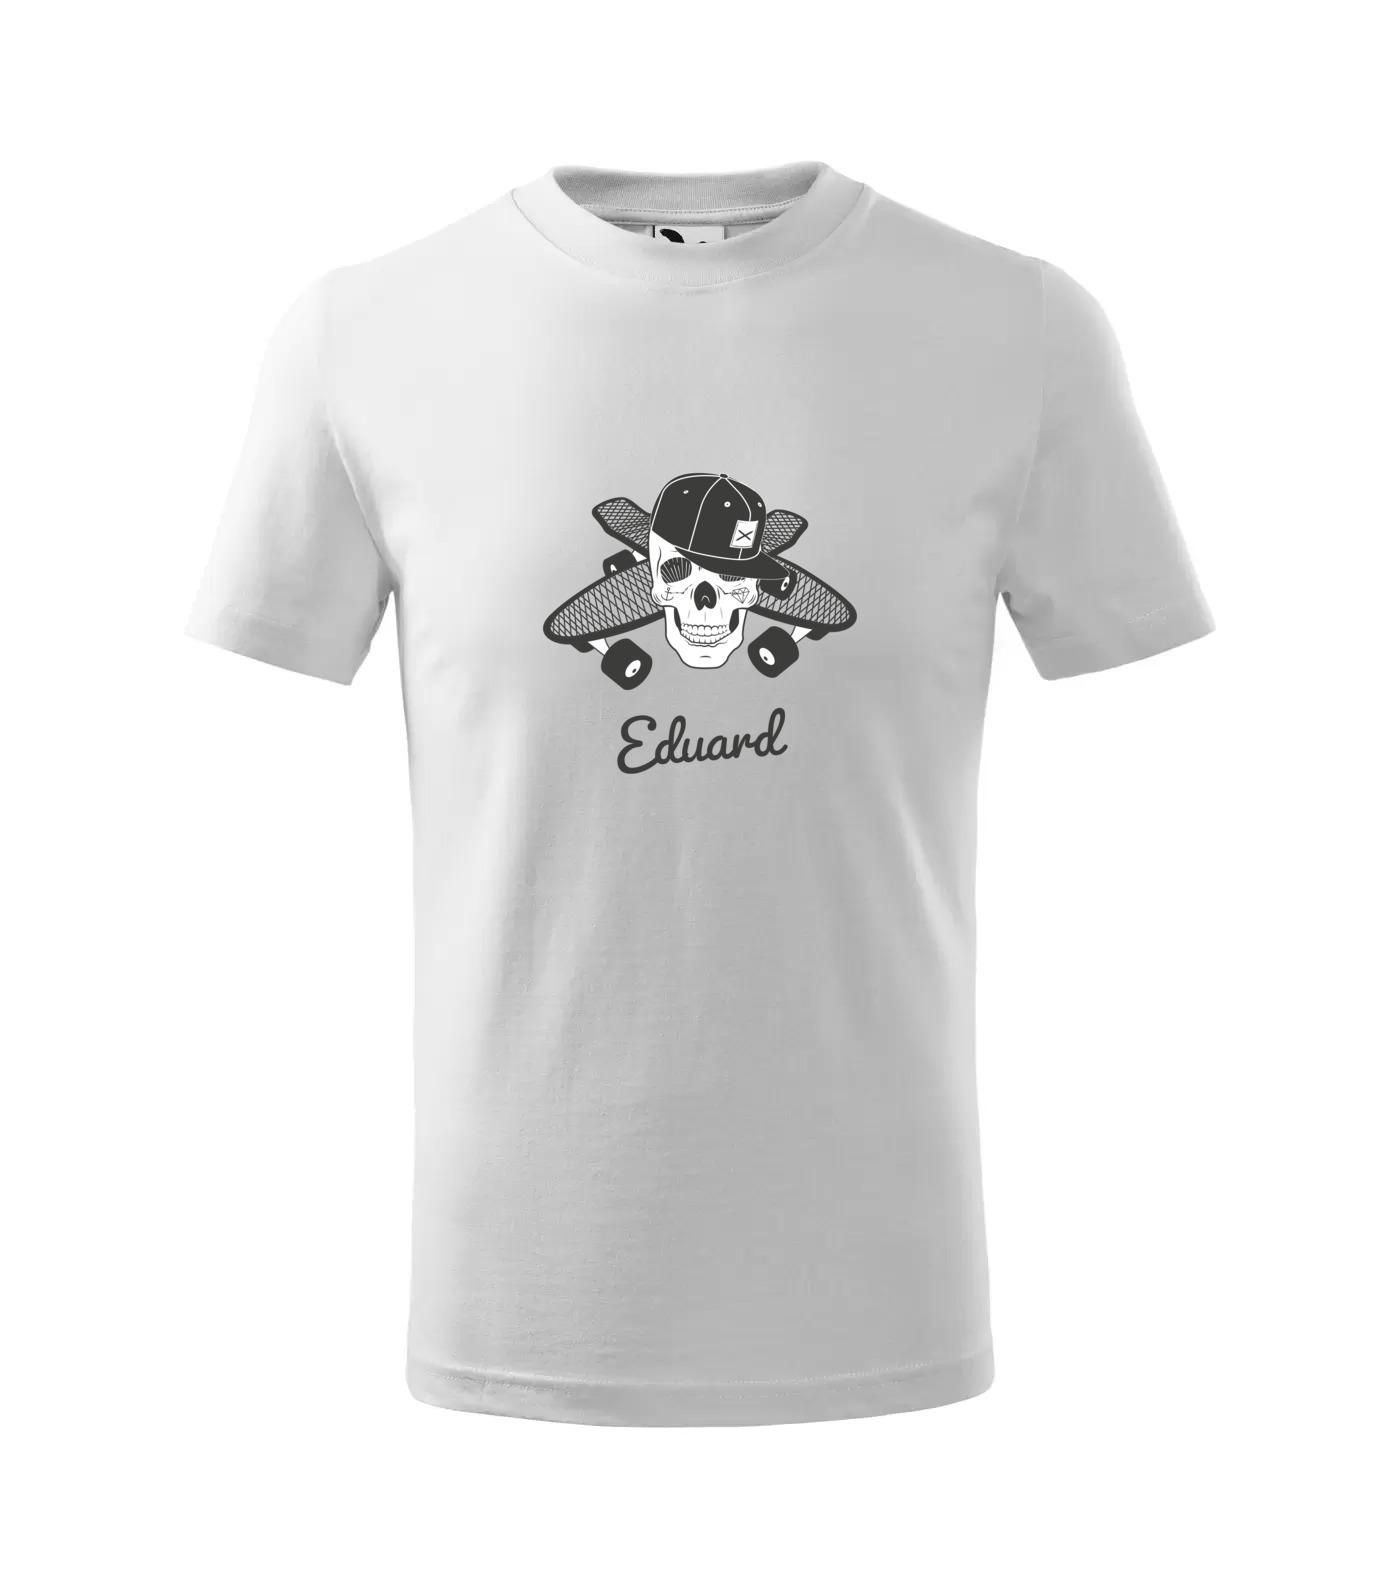 Tričko Skejťák Eduard